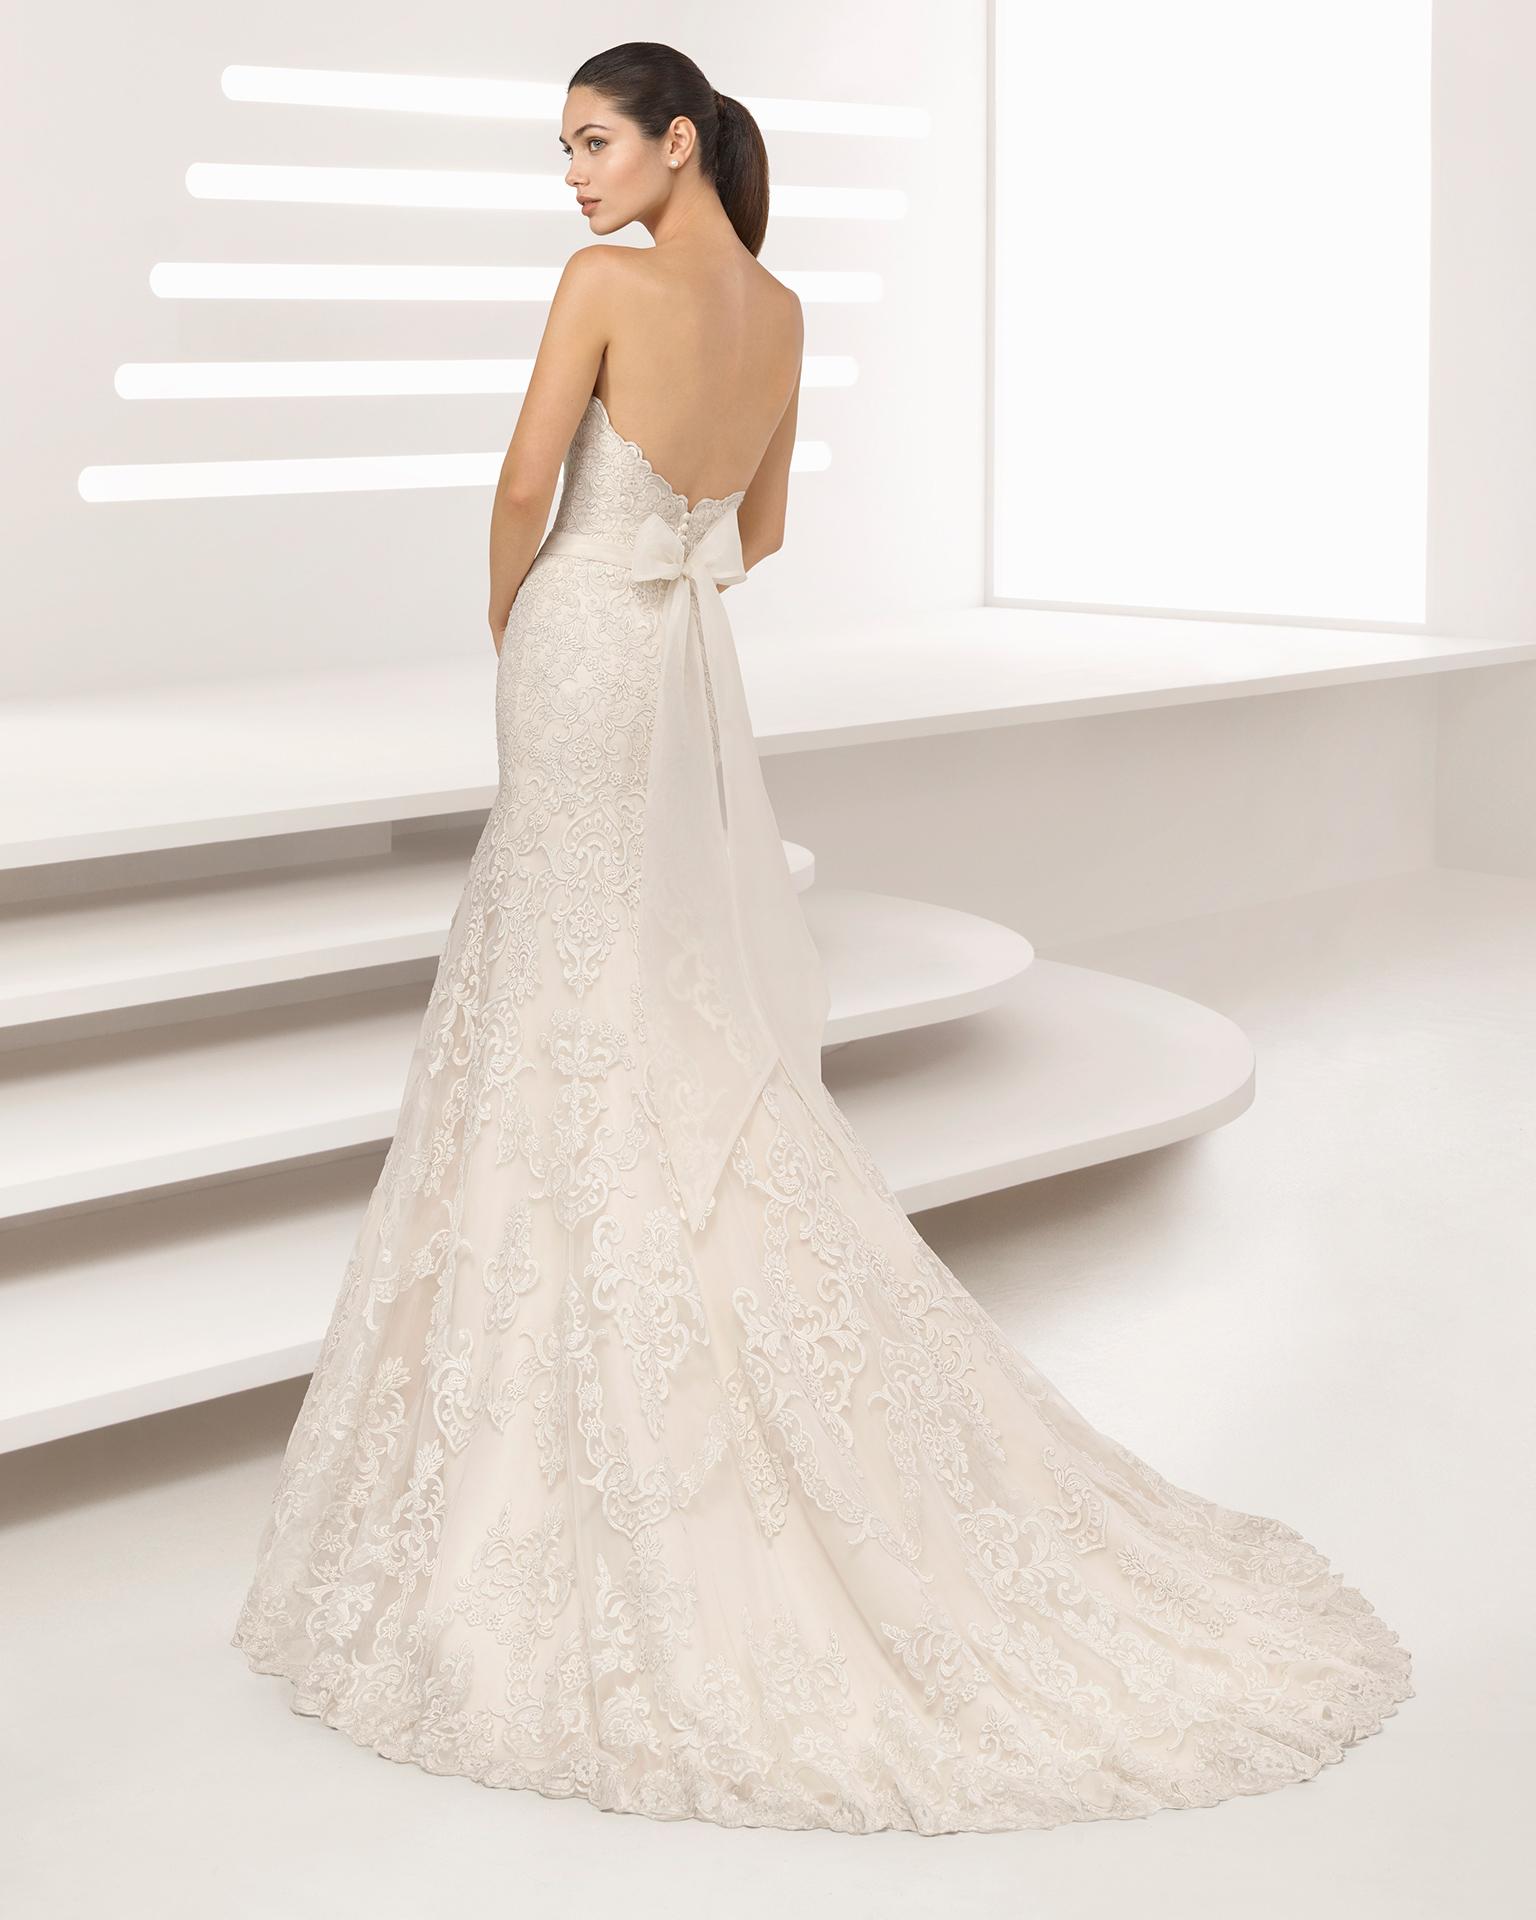 ESTILO - Rosa Clará - Vestidos de novia y fiesta